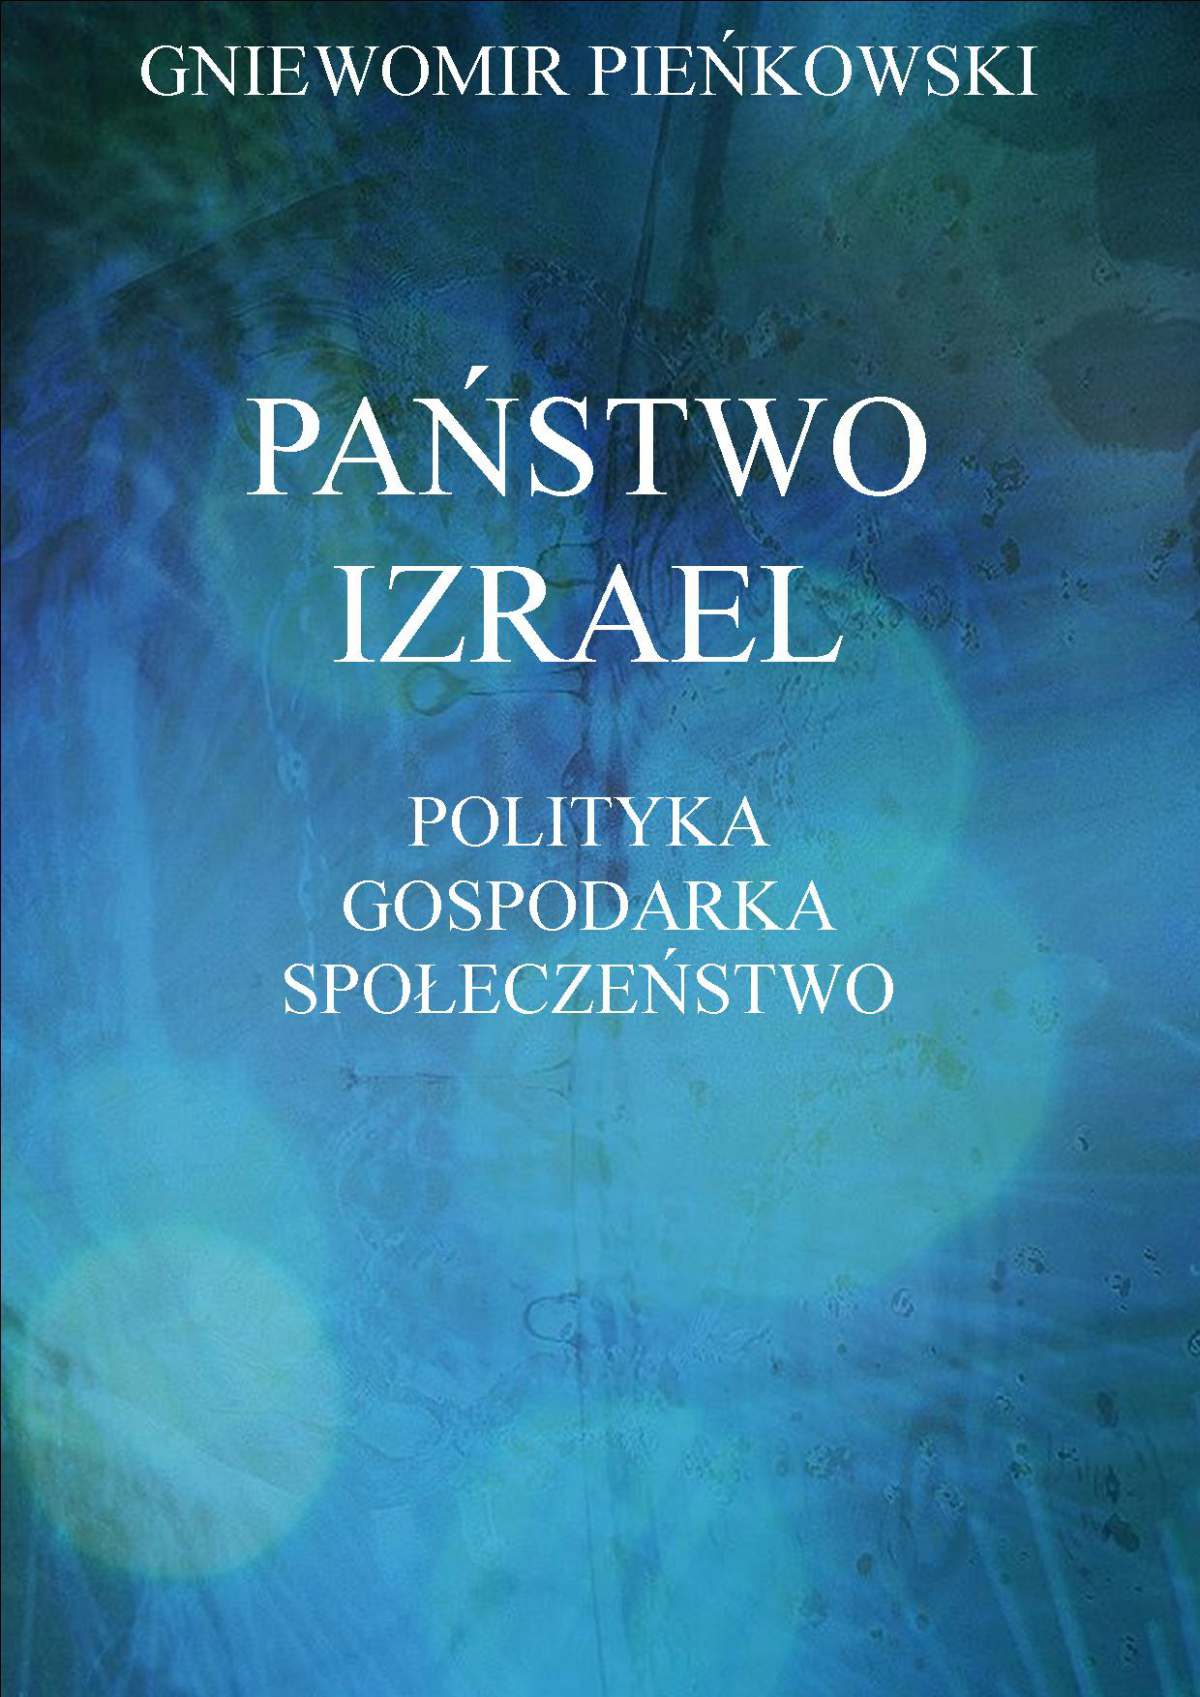 Państwo Izrael. Polityka - Gospodarka - Społeczeństwo - Ebook (Książka PDF) do pobrania w formacie PDF